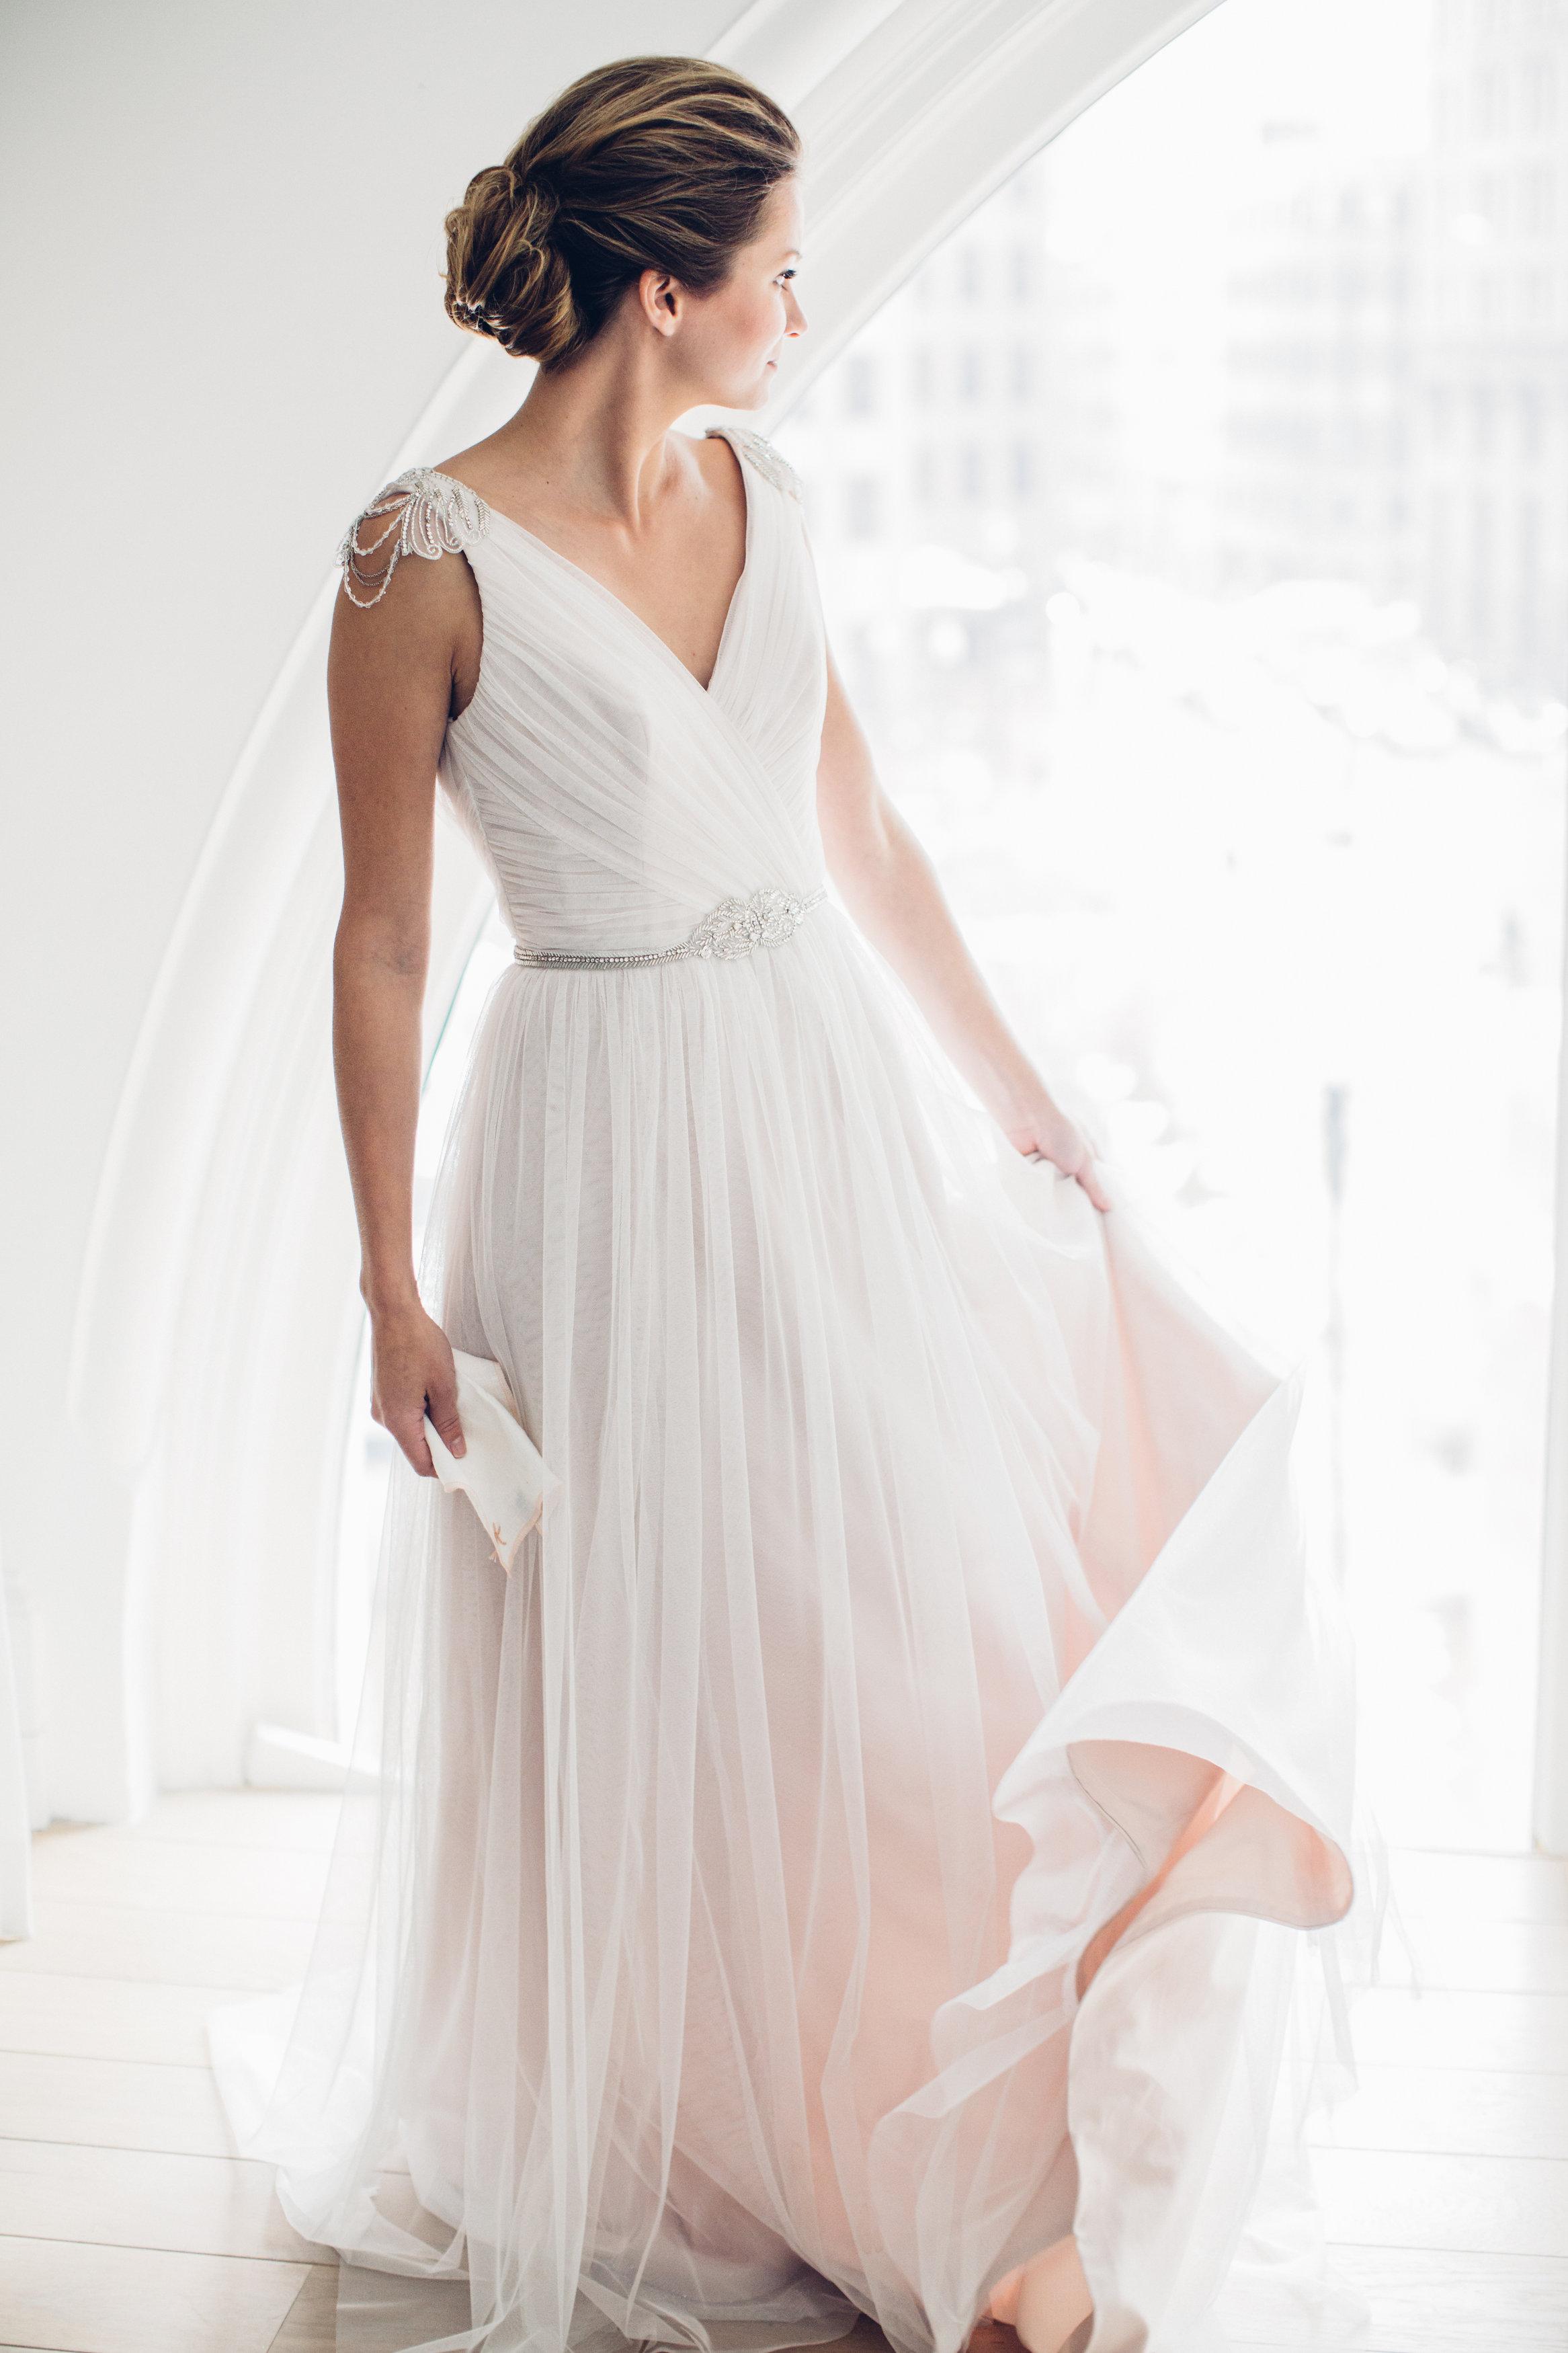 boston-bride-ames-hayley-paige-gift-perfect-handkerchief